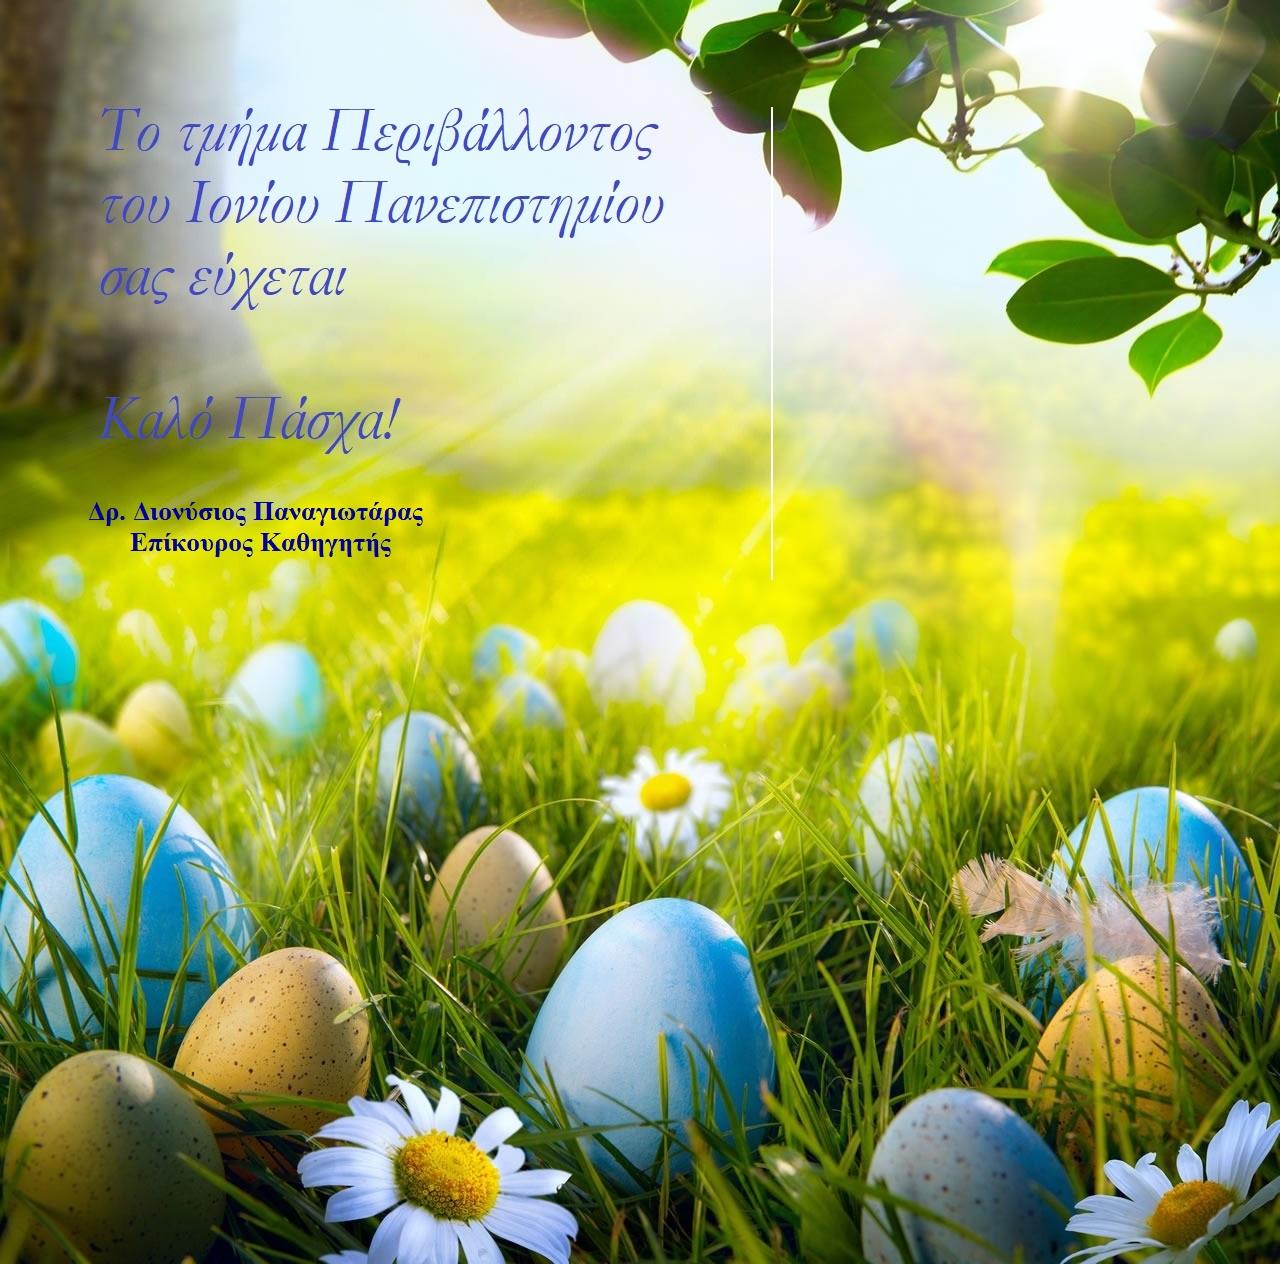 Ευχές για το Πάσχα από τον Διονύσιο Παναγιωτάρα